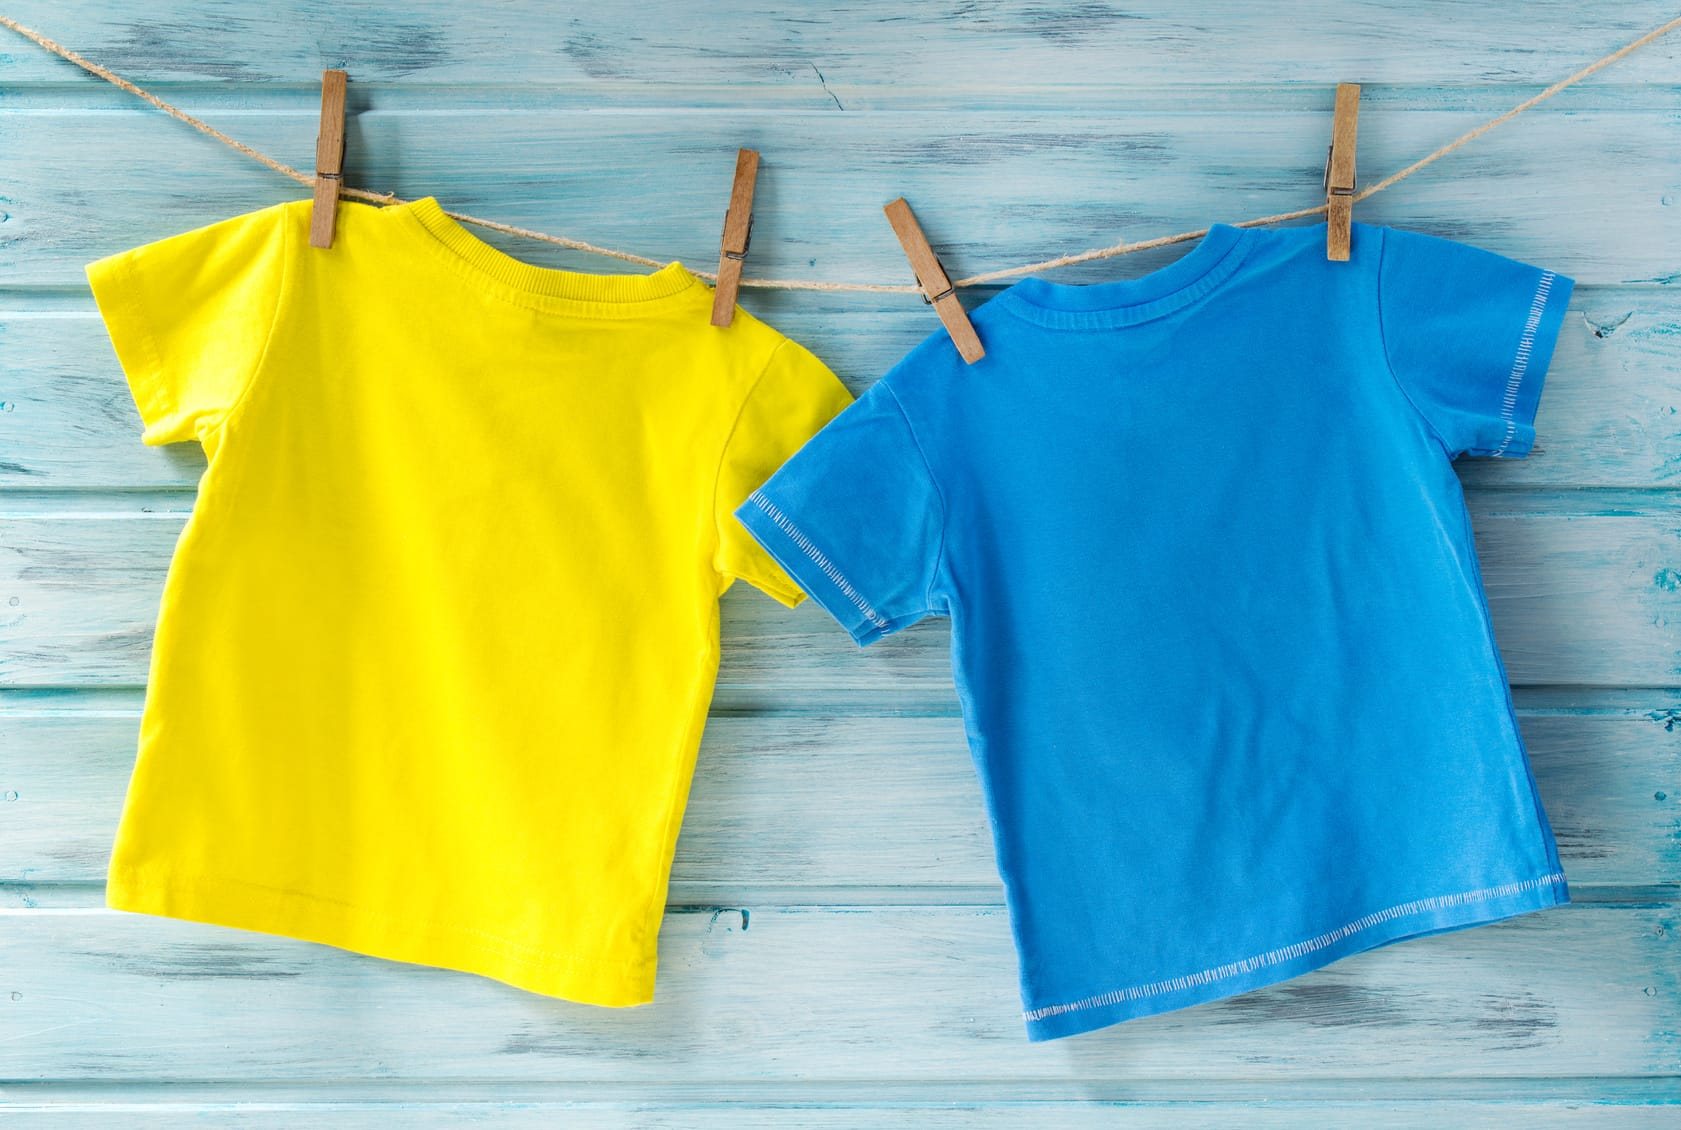 verlieren t shirts in der waschmaschine ihre form. Black Bedroom Furniture Sets. Home Design Ideas